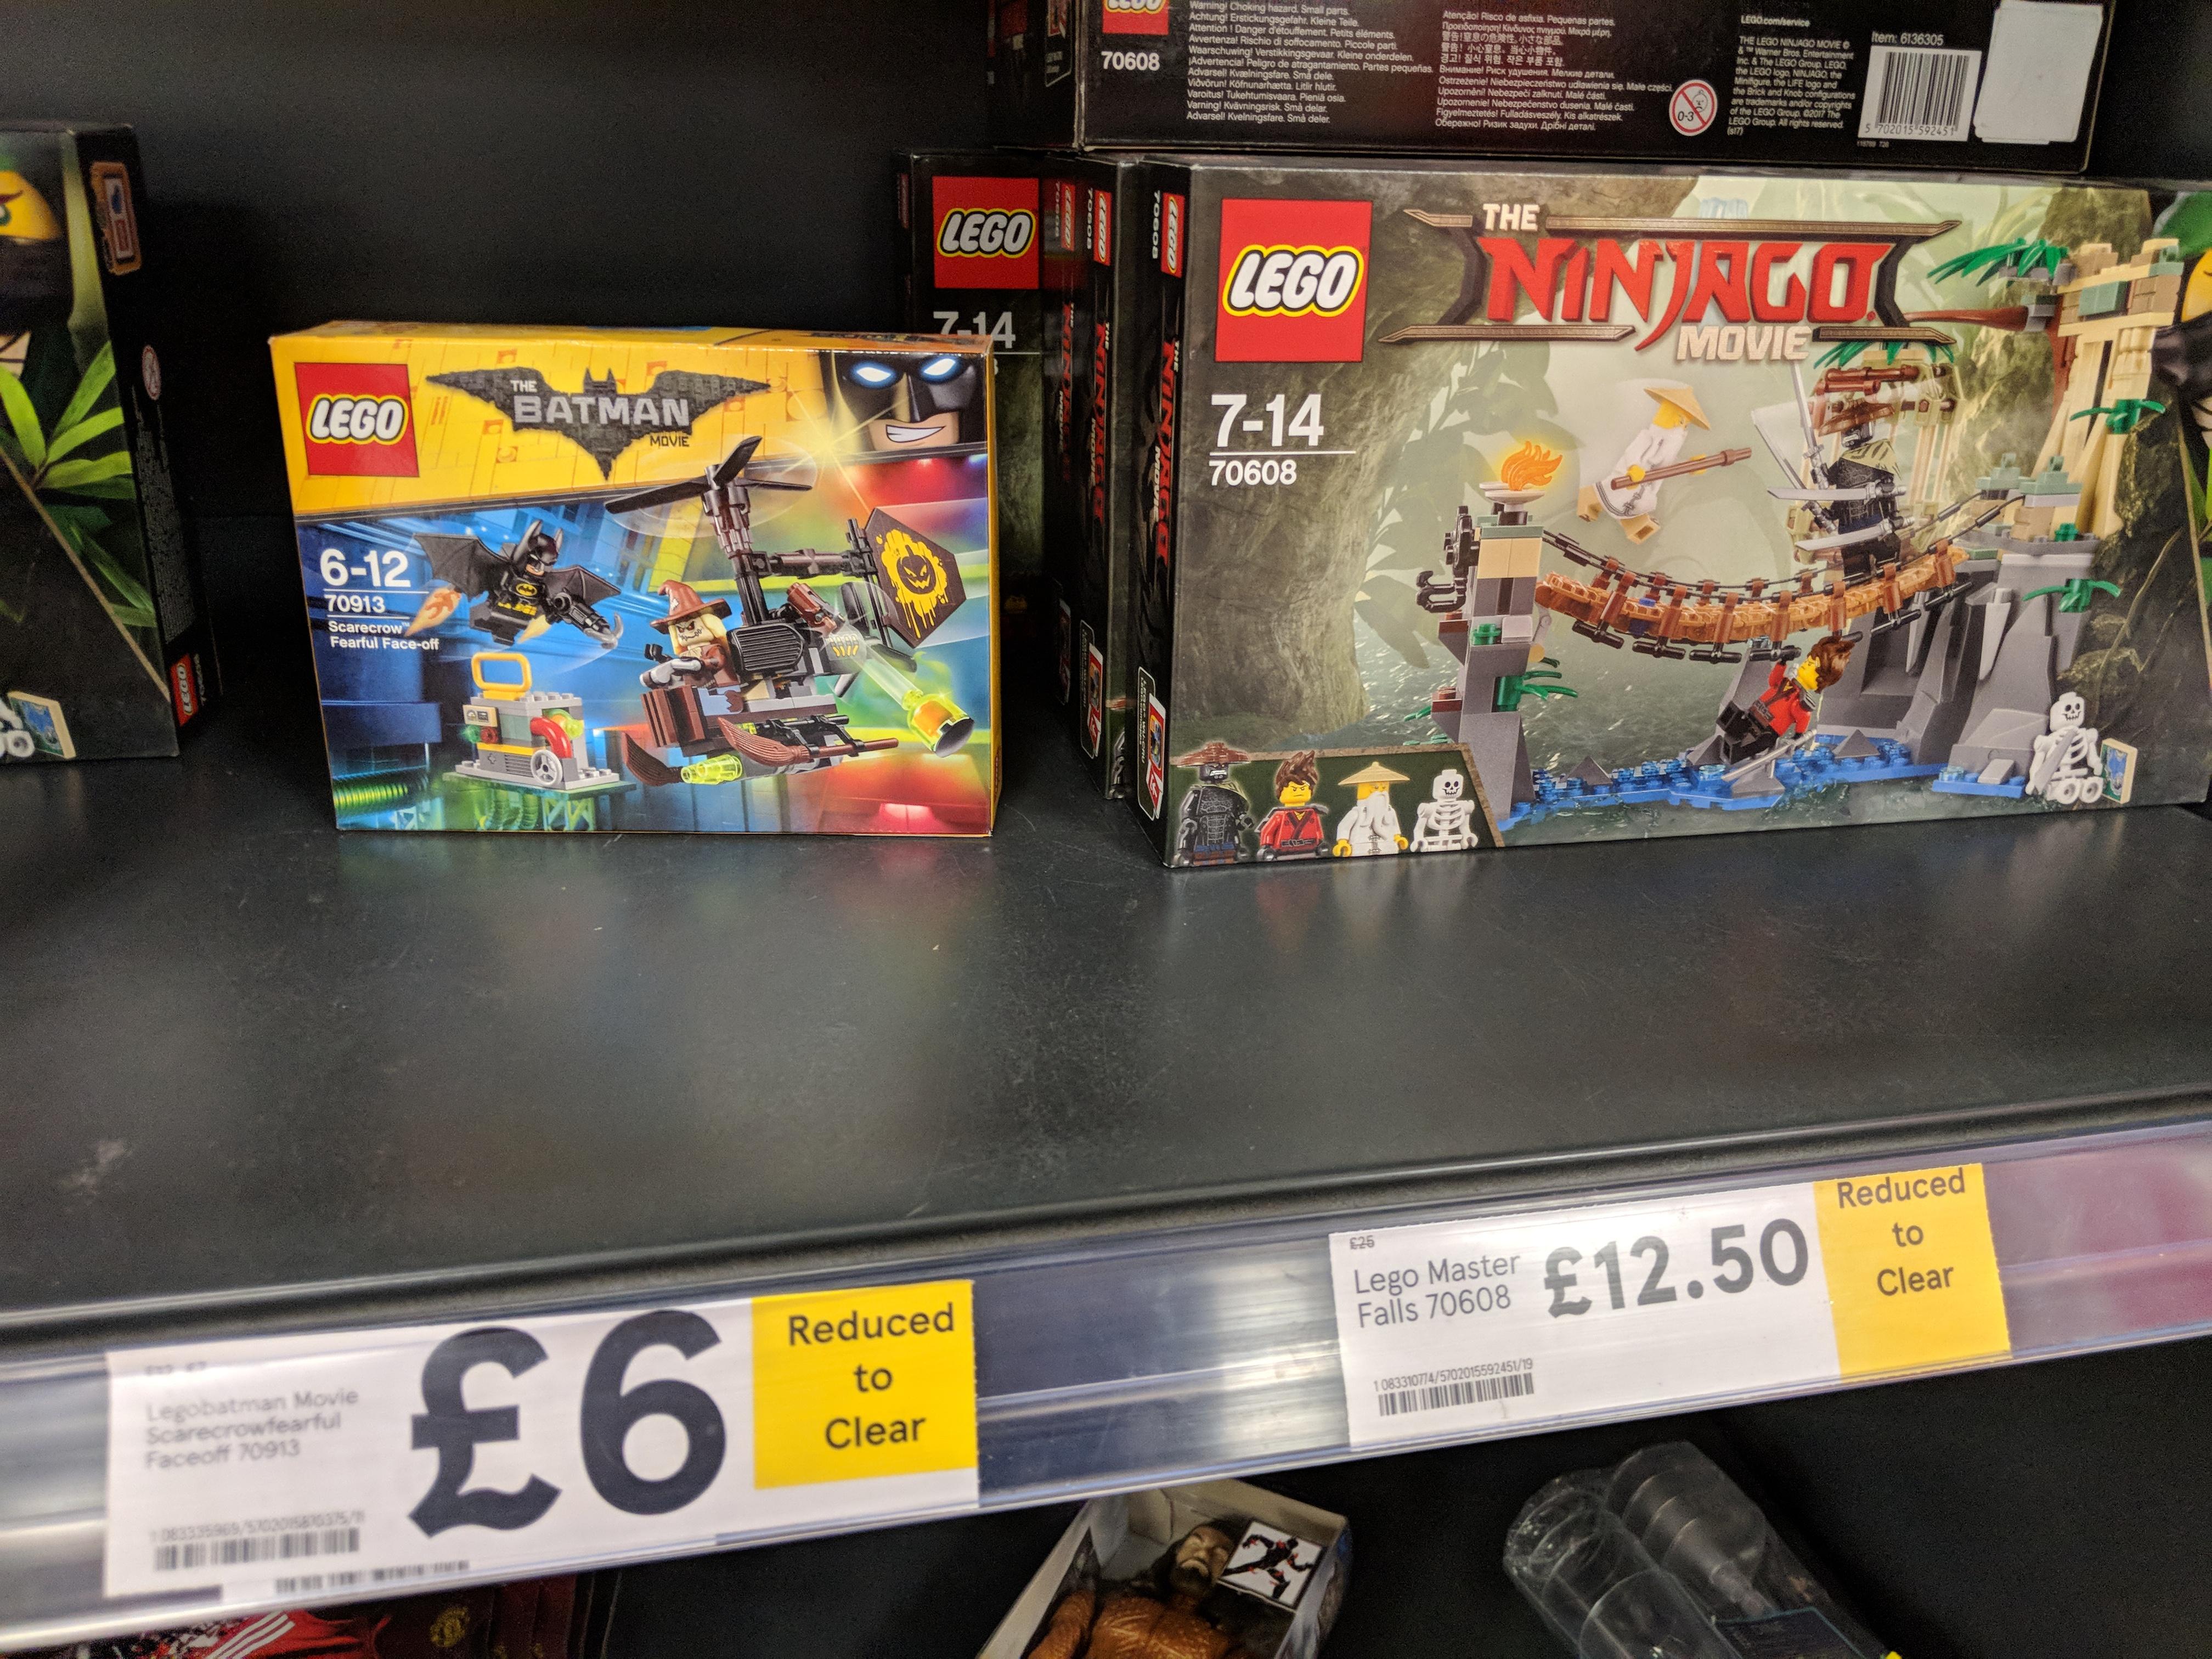 TESCO: LEGO Batman Scarecrow (70913) £6 & LEGO NINJAGO Master Falls (70608) £12.50